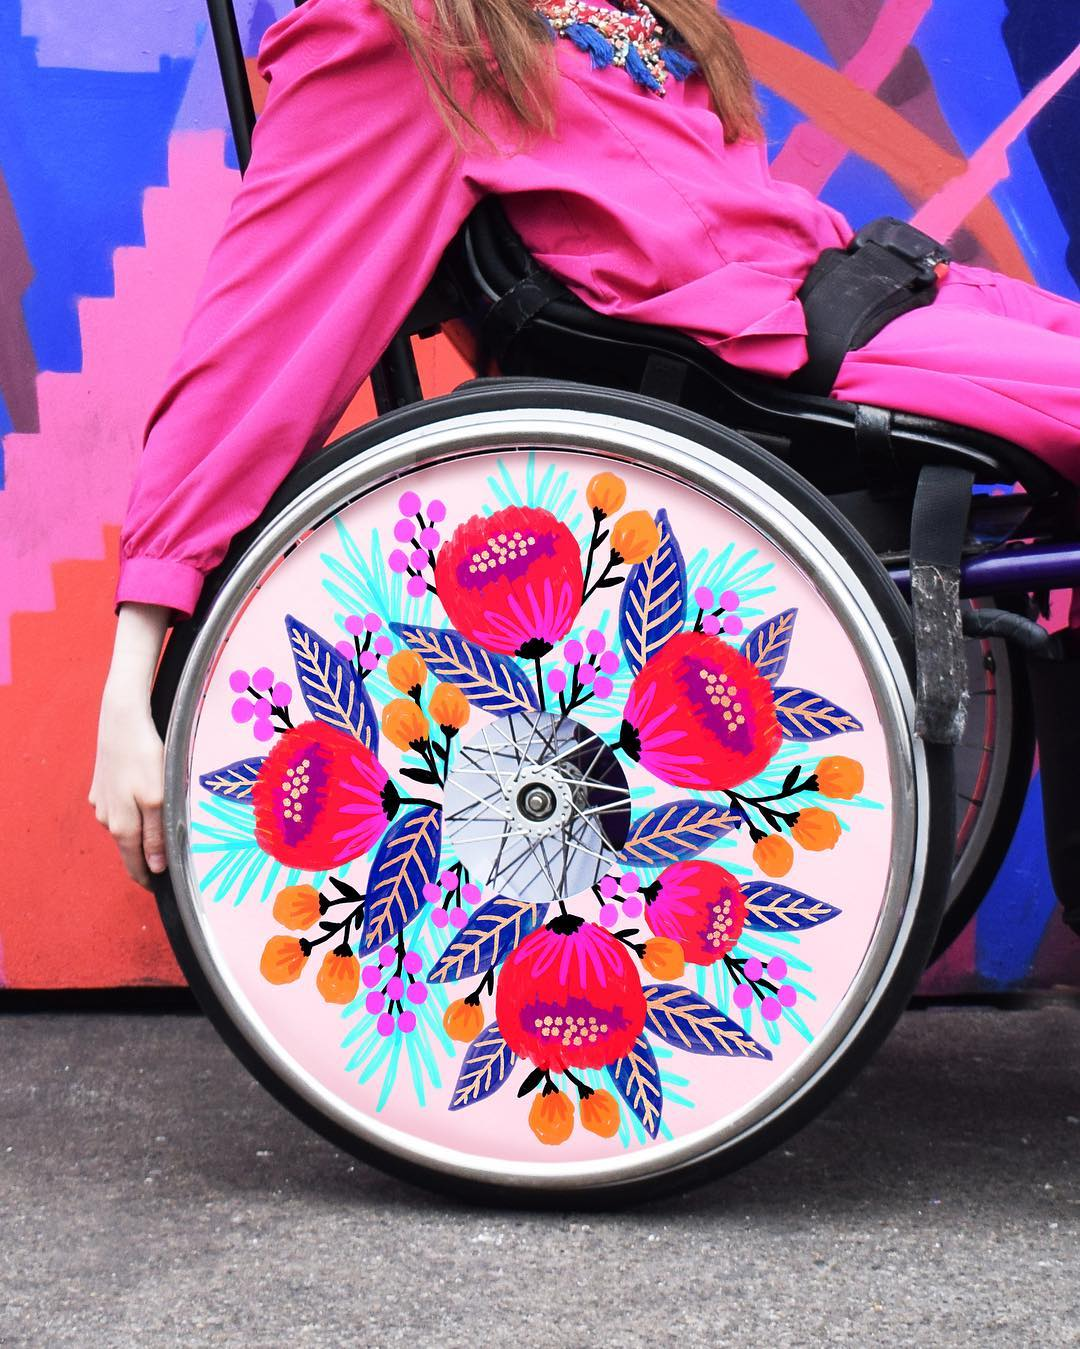 Izzy Wheels stylish wheel covers by Jess Phoenix